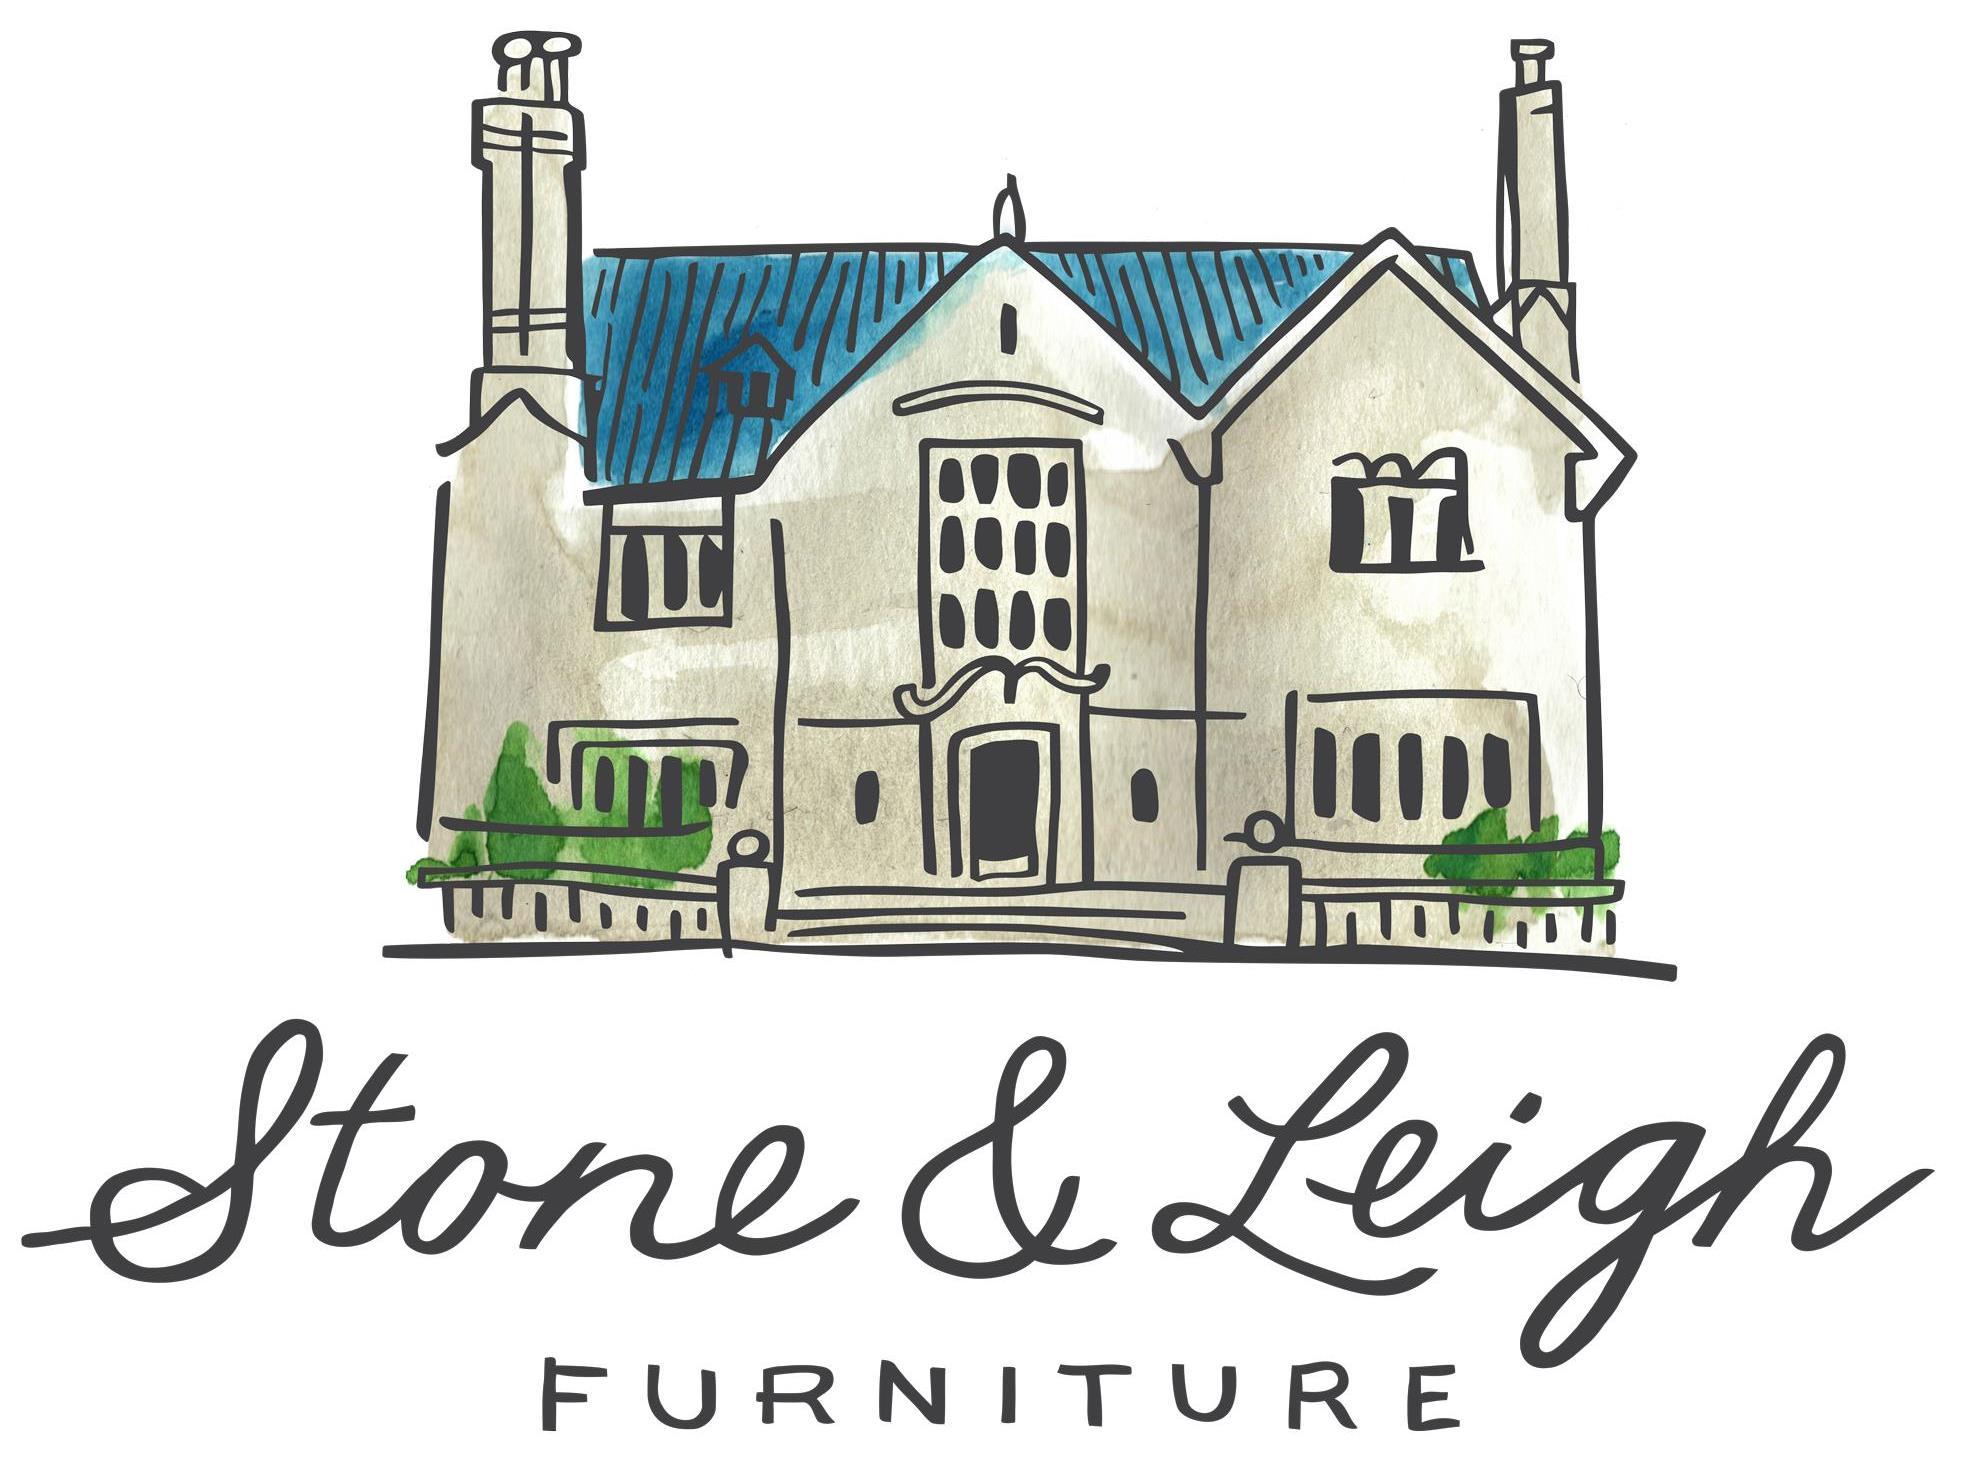 Stone & Leigh